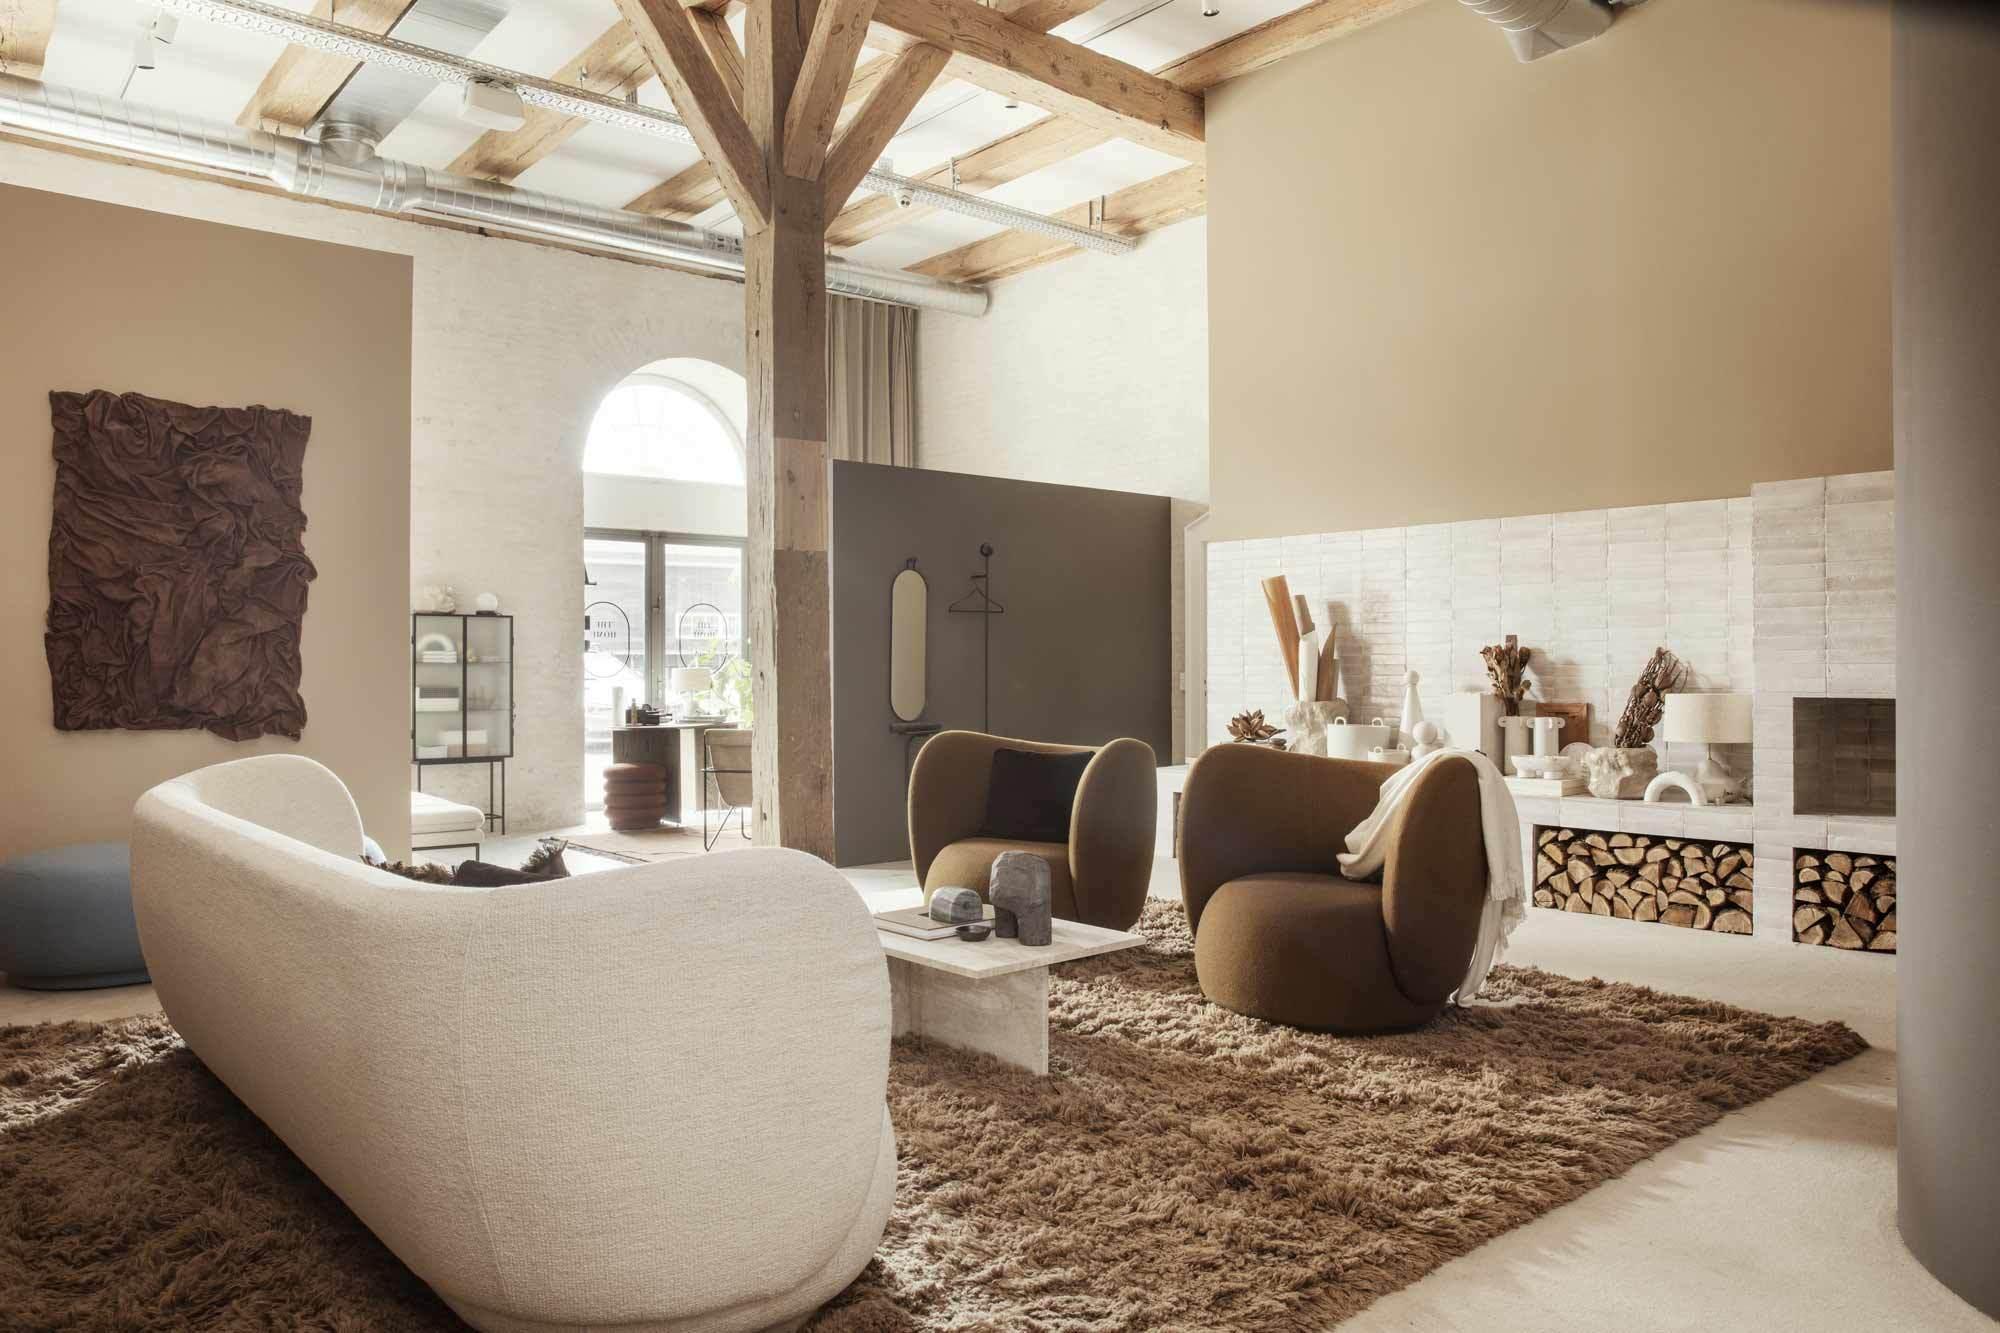 Ferm Living Home, der neue Headquarter des dänischen Hersteller, der im Rahmen des Designfestivals 3 Days of Design in Kopenhagen eröffnete